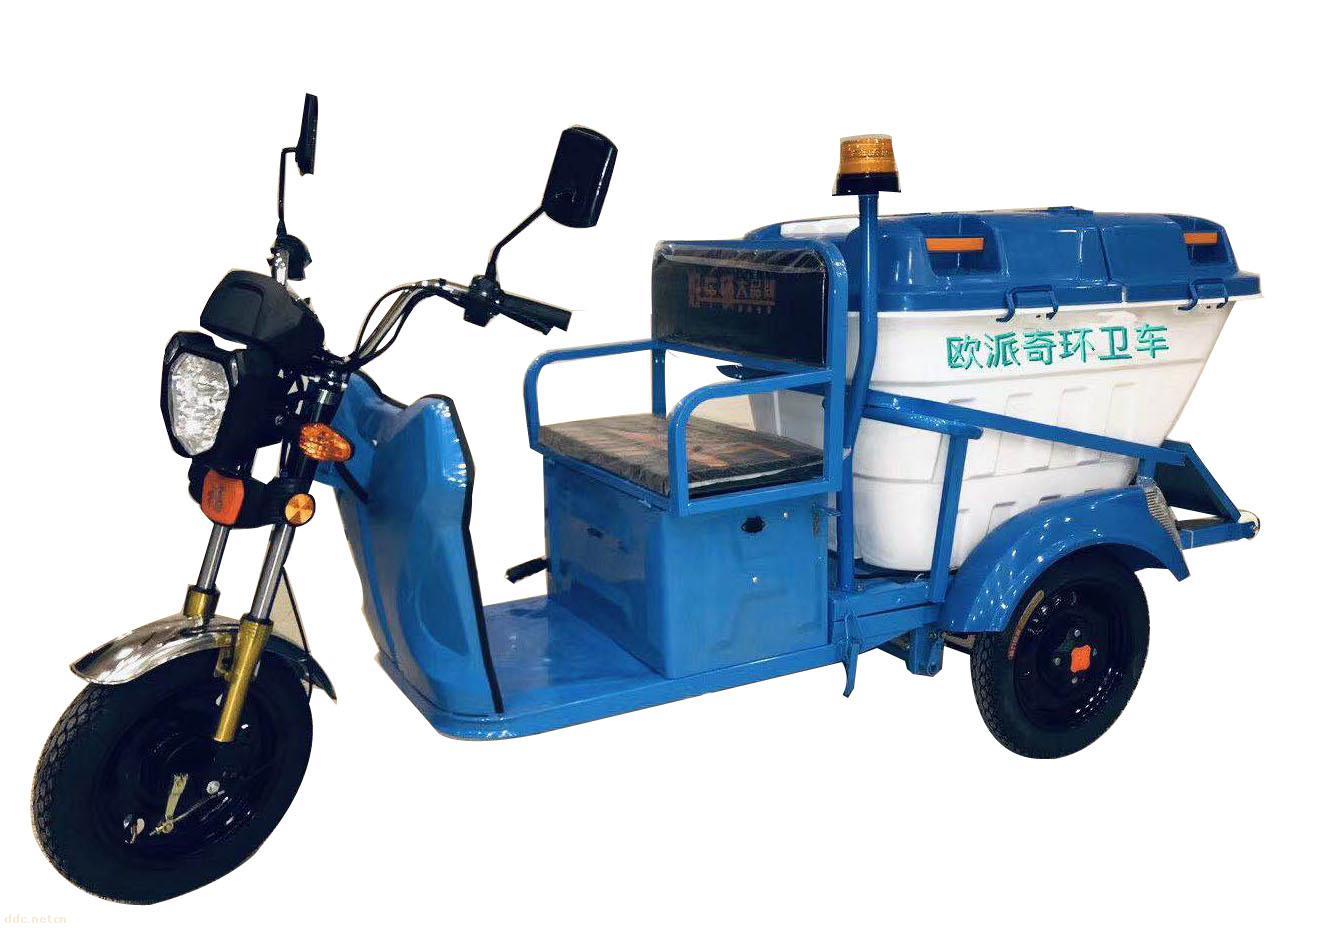 普通清洁工使用的电动三轮环卫车